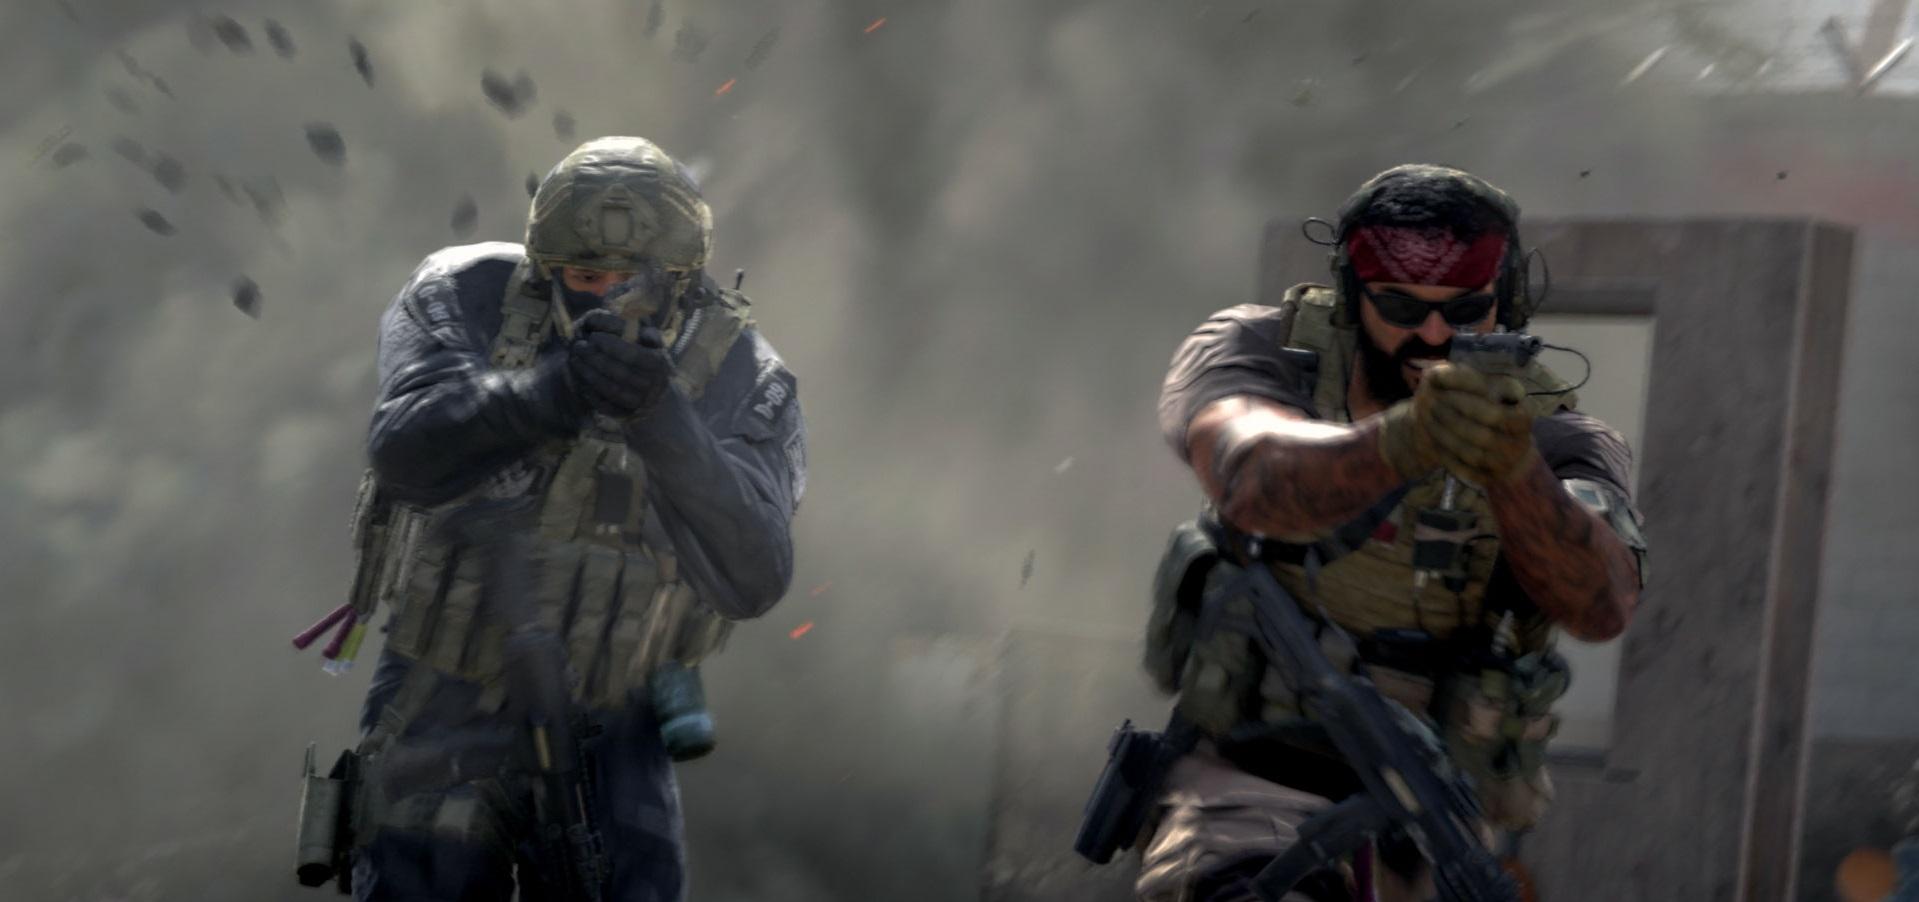 Cudzinci koloniálnej Marines multiplayer dohazování